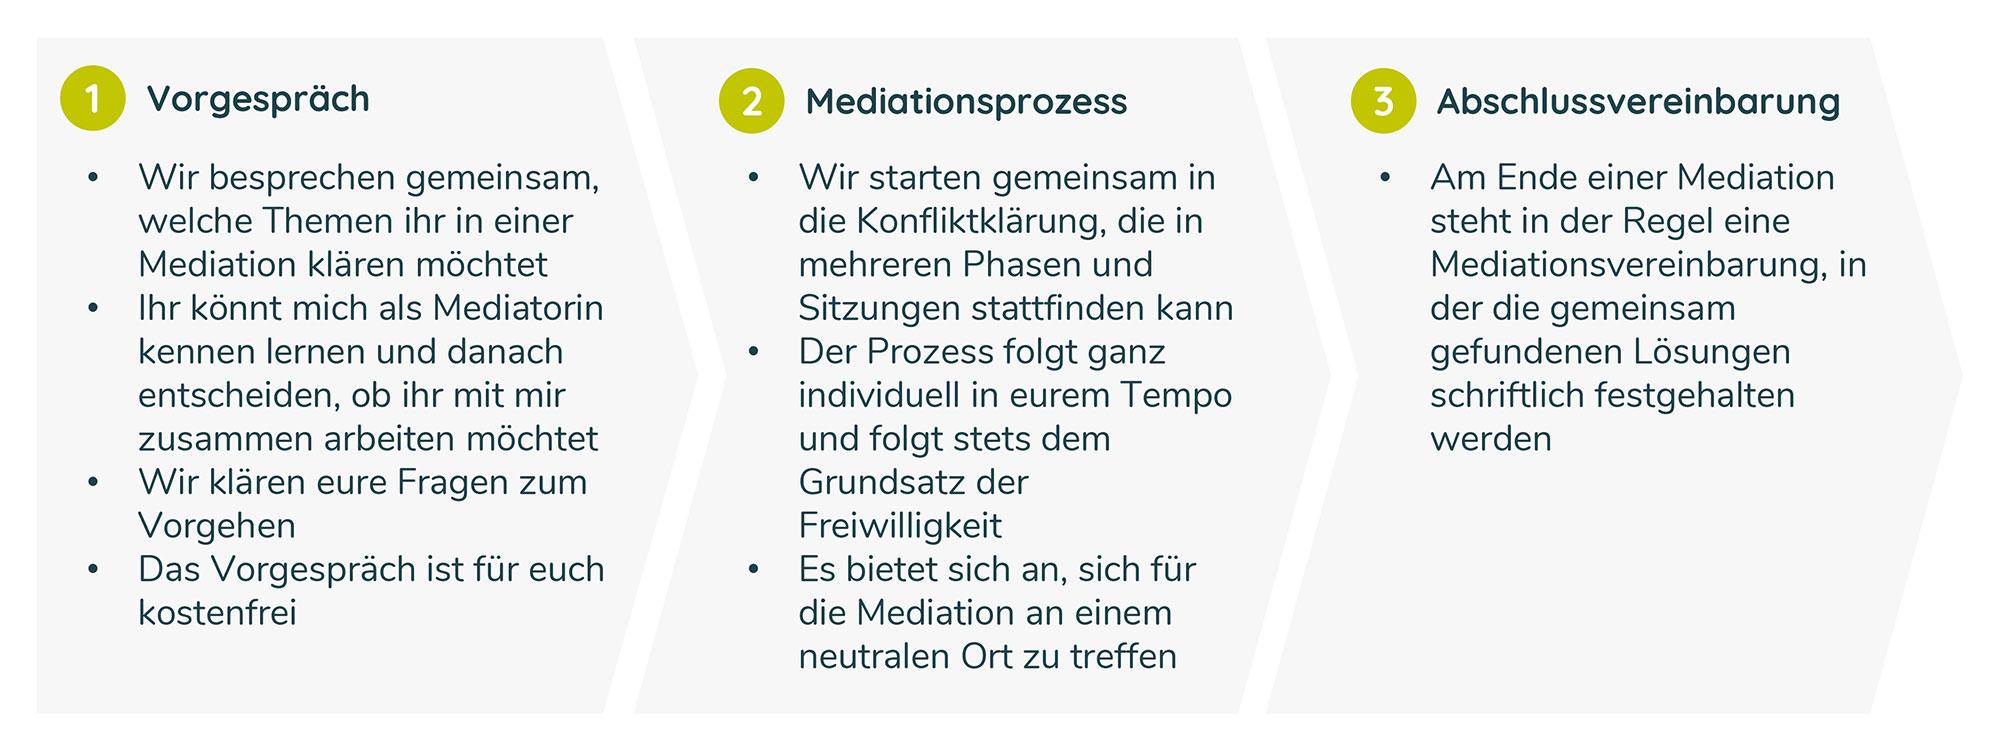 20190813_Ablaufdiagramm-Mediation2_web